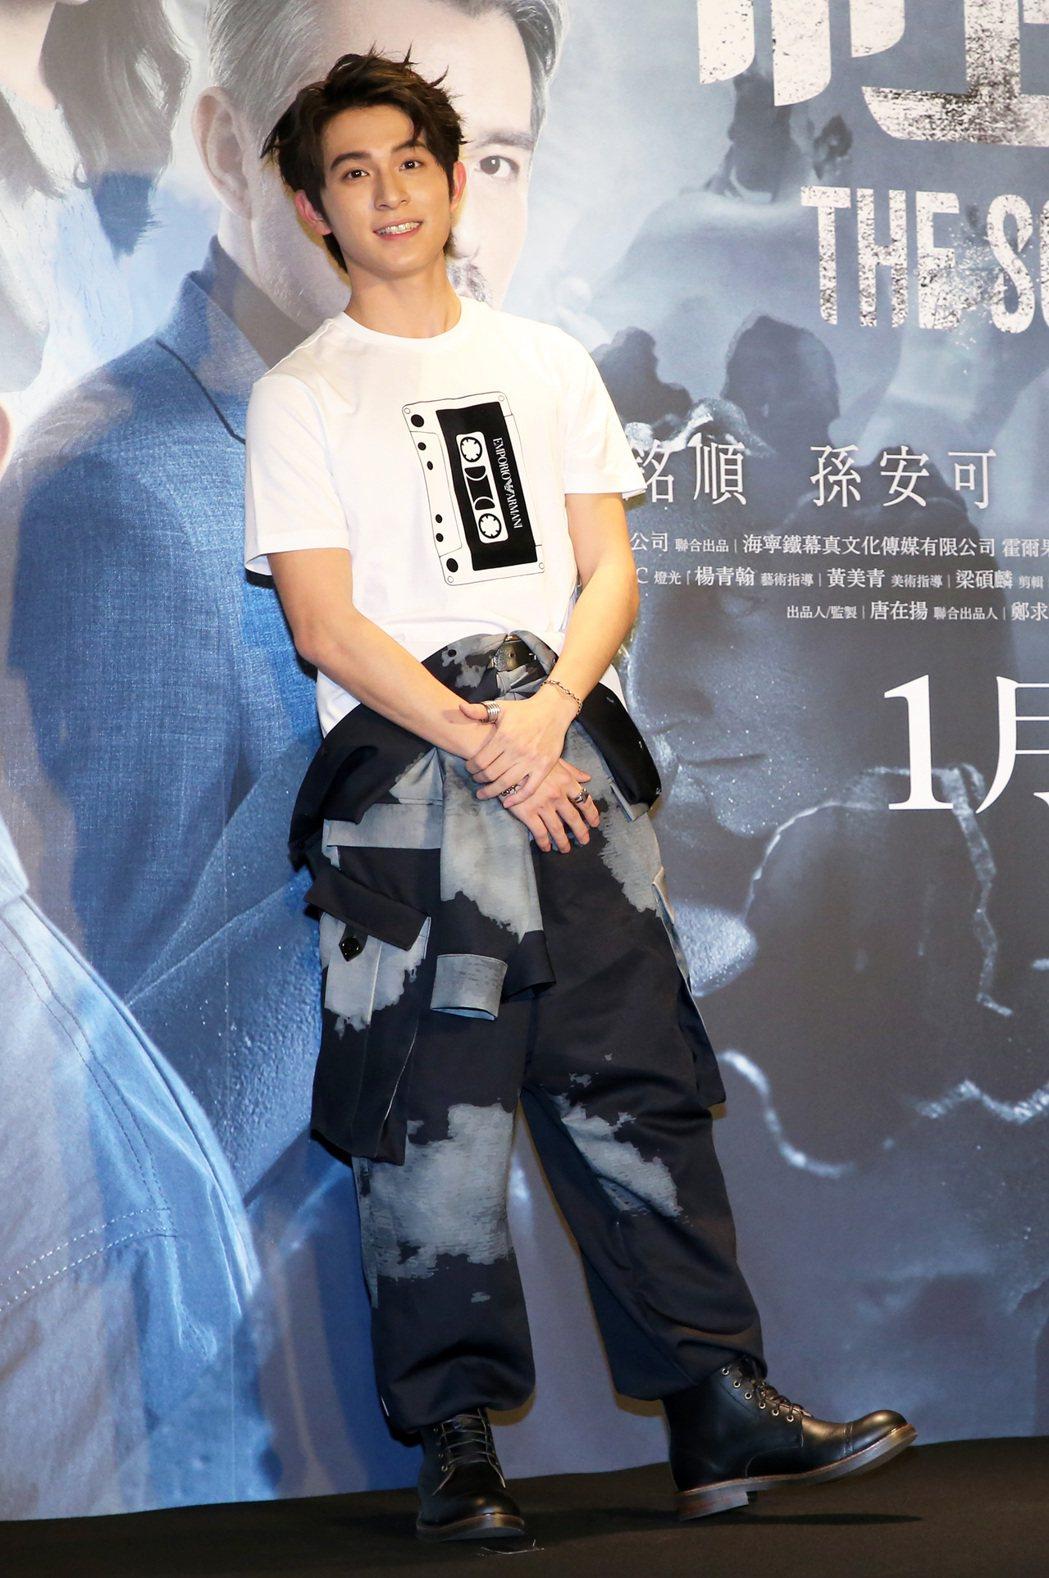 電影「緝魂」首映會,主演林暉閔出席。記者胡經周/攝影